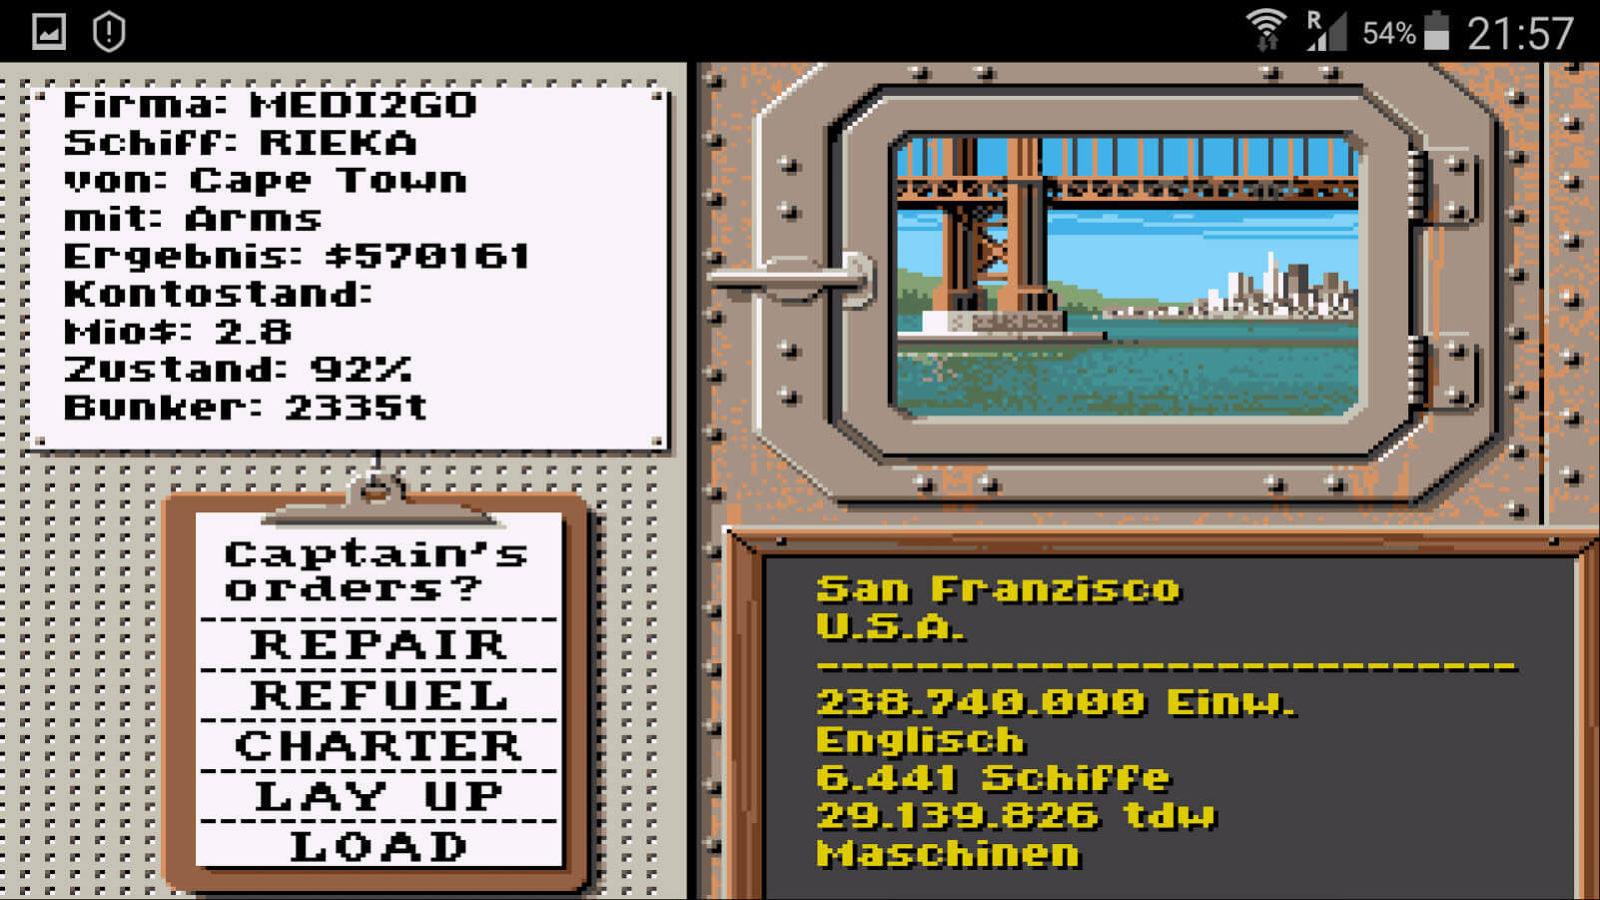 San Francisco Hafen: Jetzt nach einer guten Fracht ausschau halten!